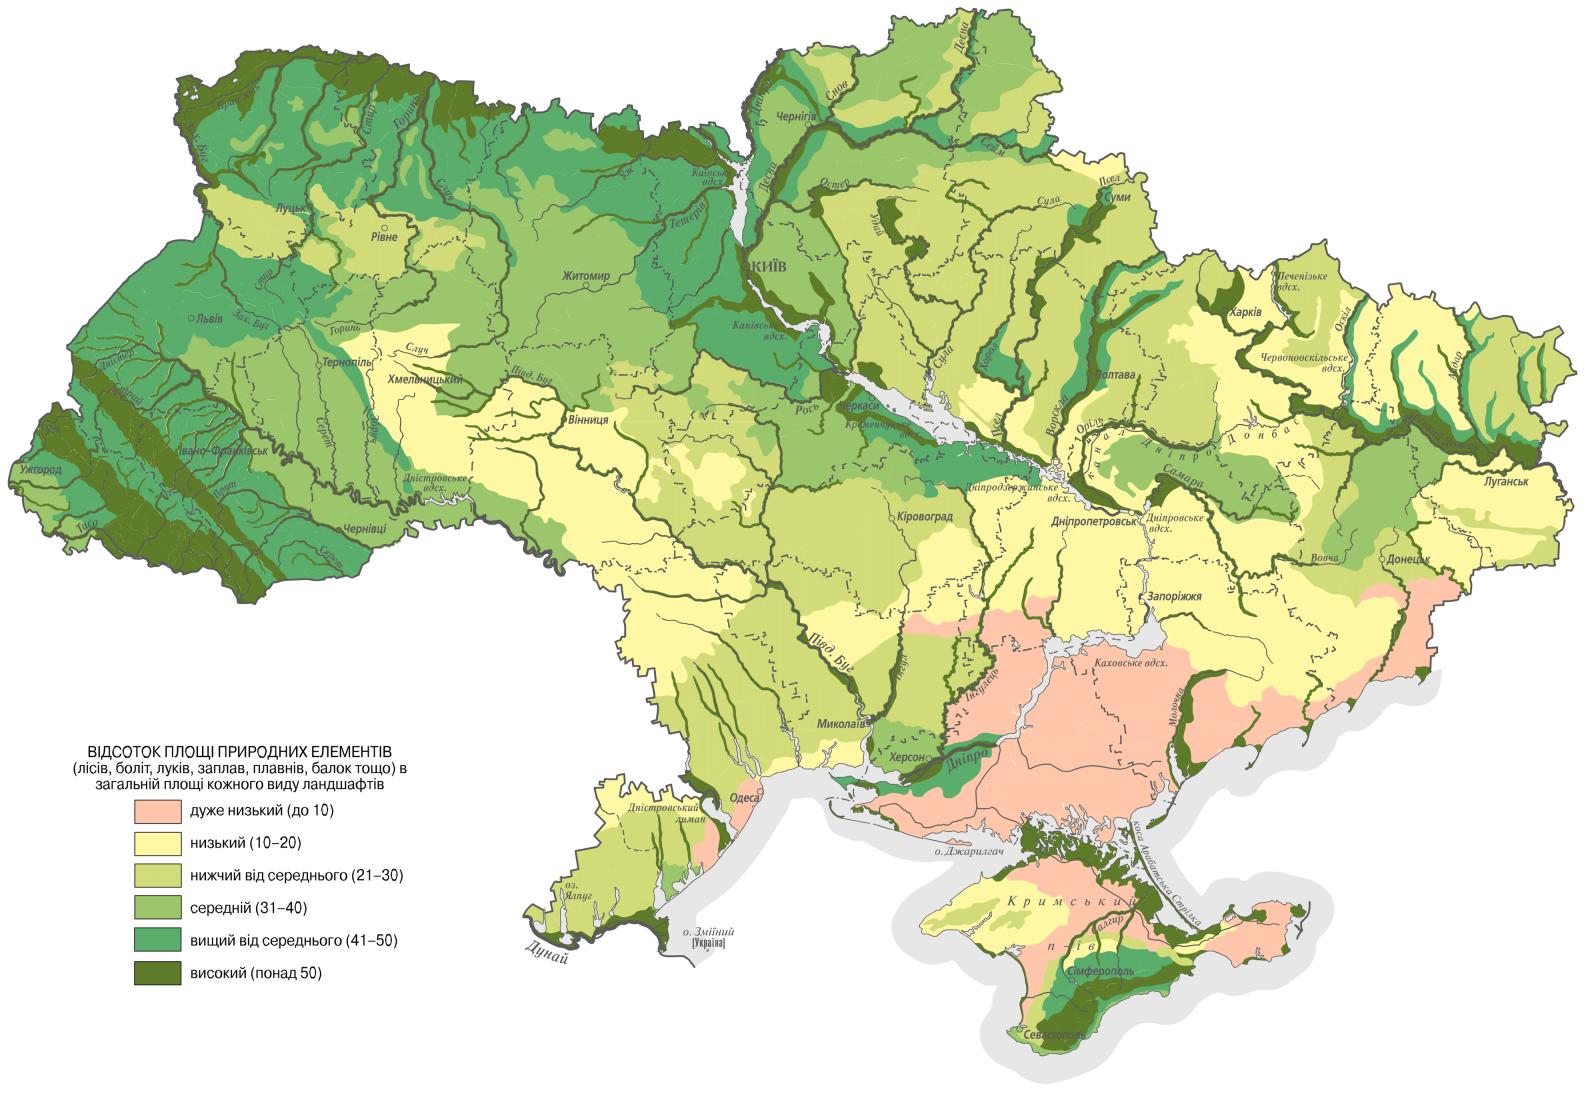 Карта состояния современных ландшафтов Украины